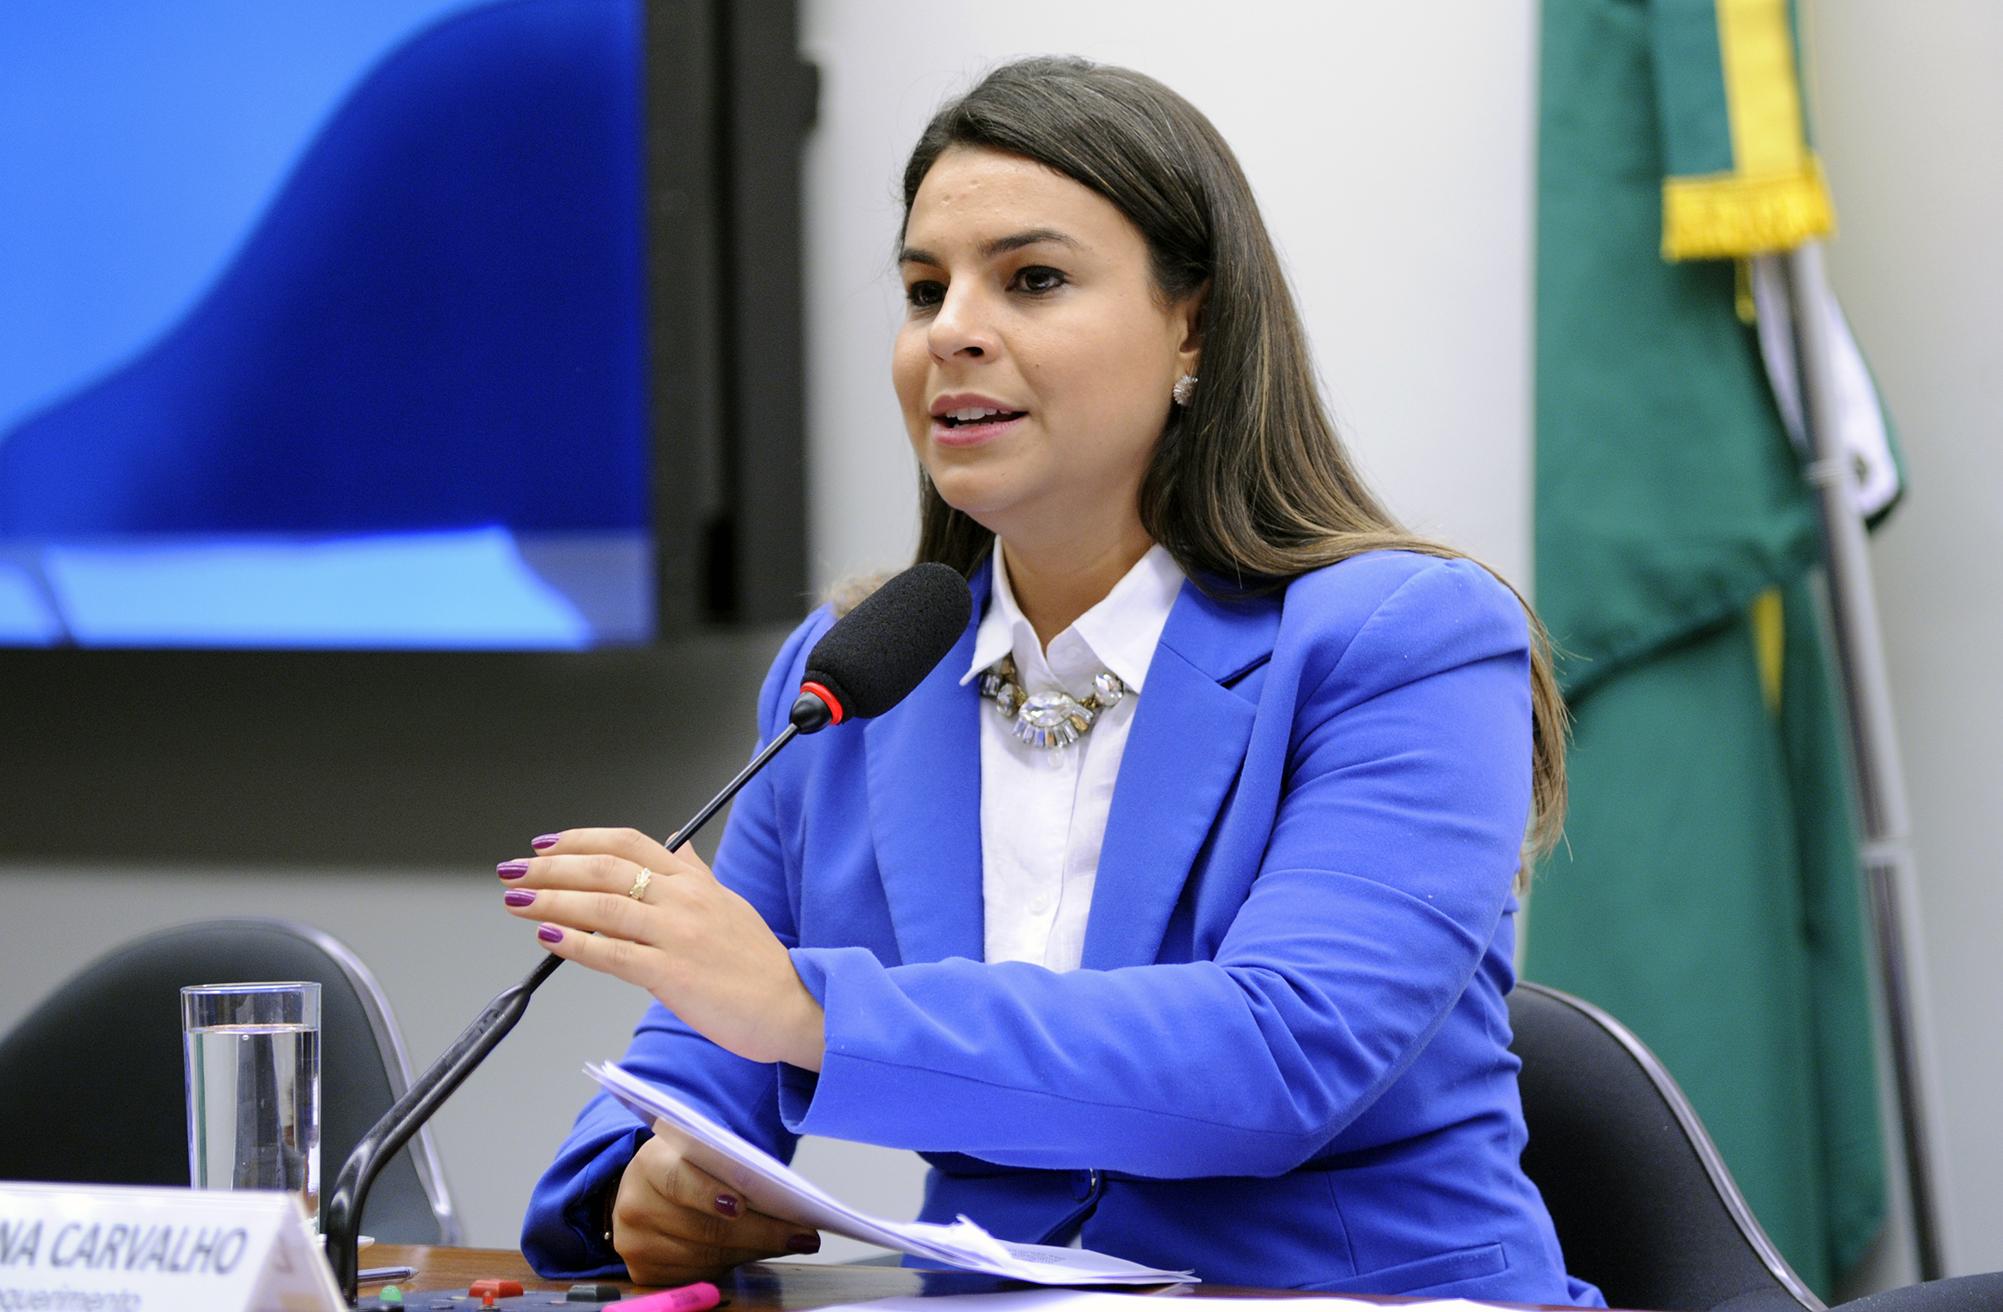 Audiência Pública sobre doenças raras, dificuldades no acesso ao tratamento e a judicialização sob a ótica do paciente. Dep. Mariana Carvalho (PSDB - RO)